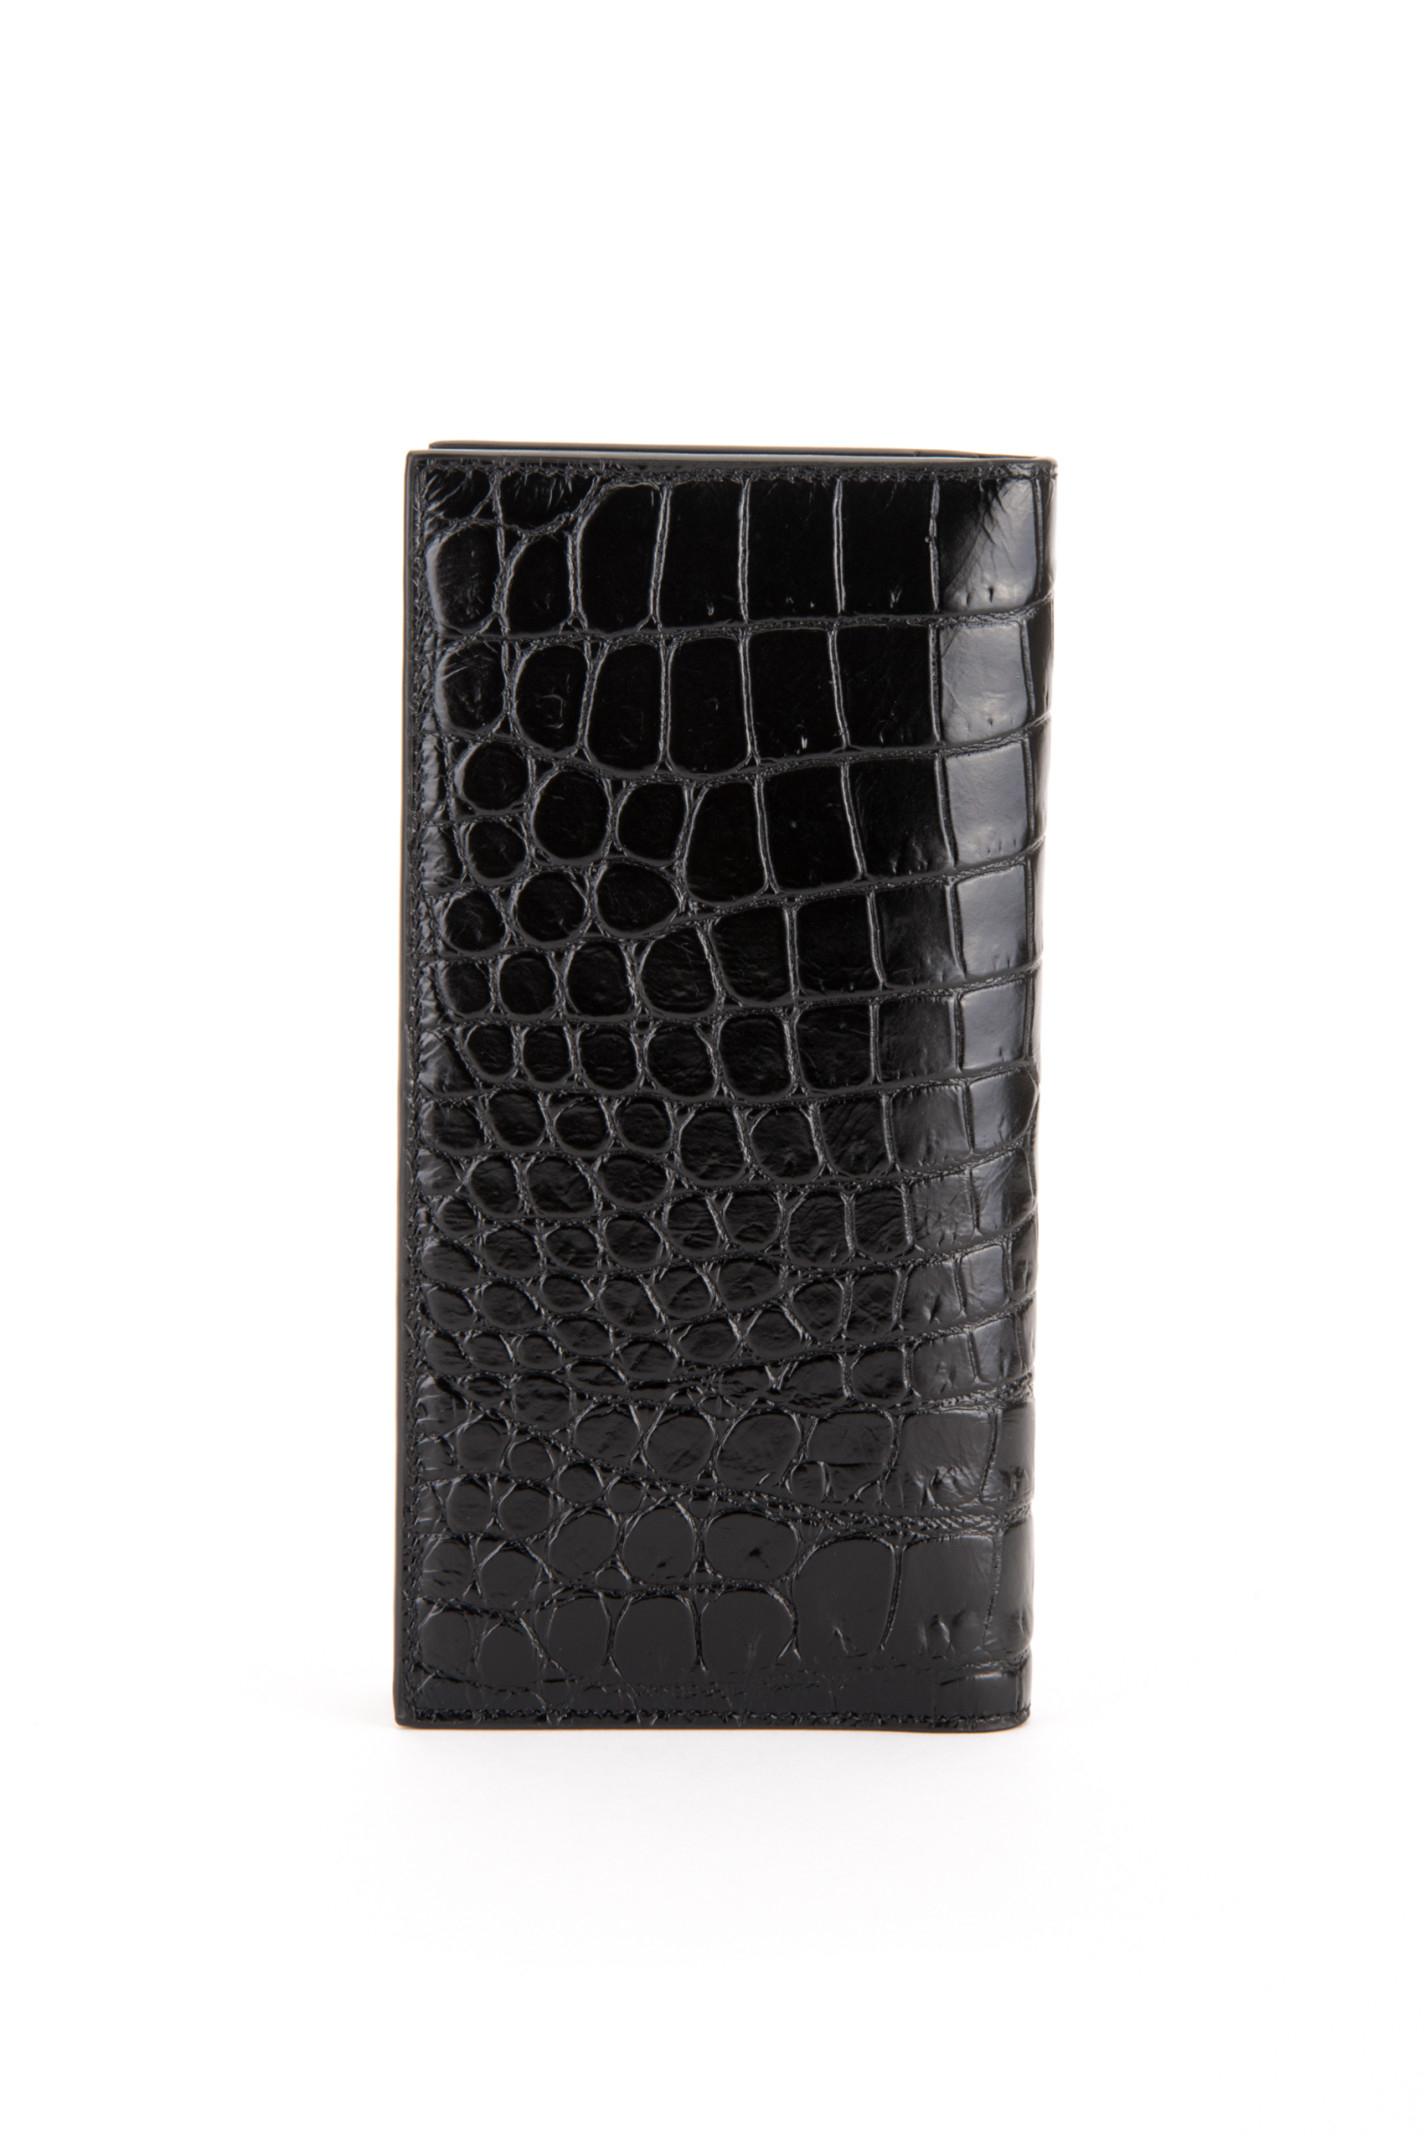 ysl cabas chyc crossbody - ysl black wallet